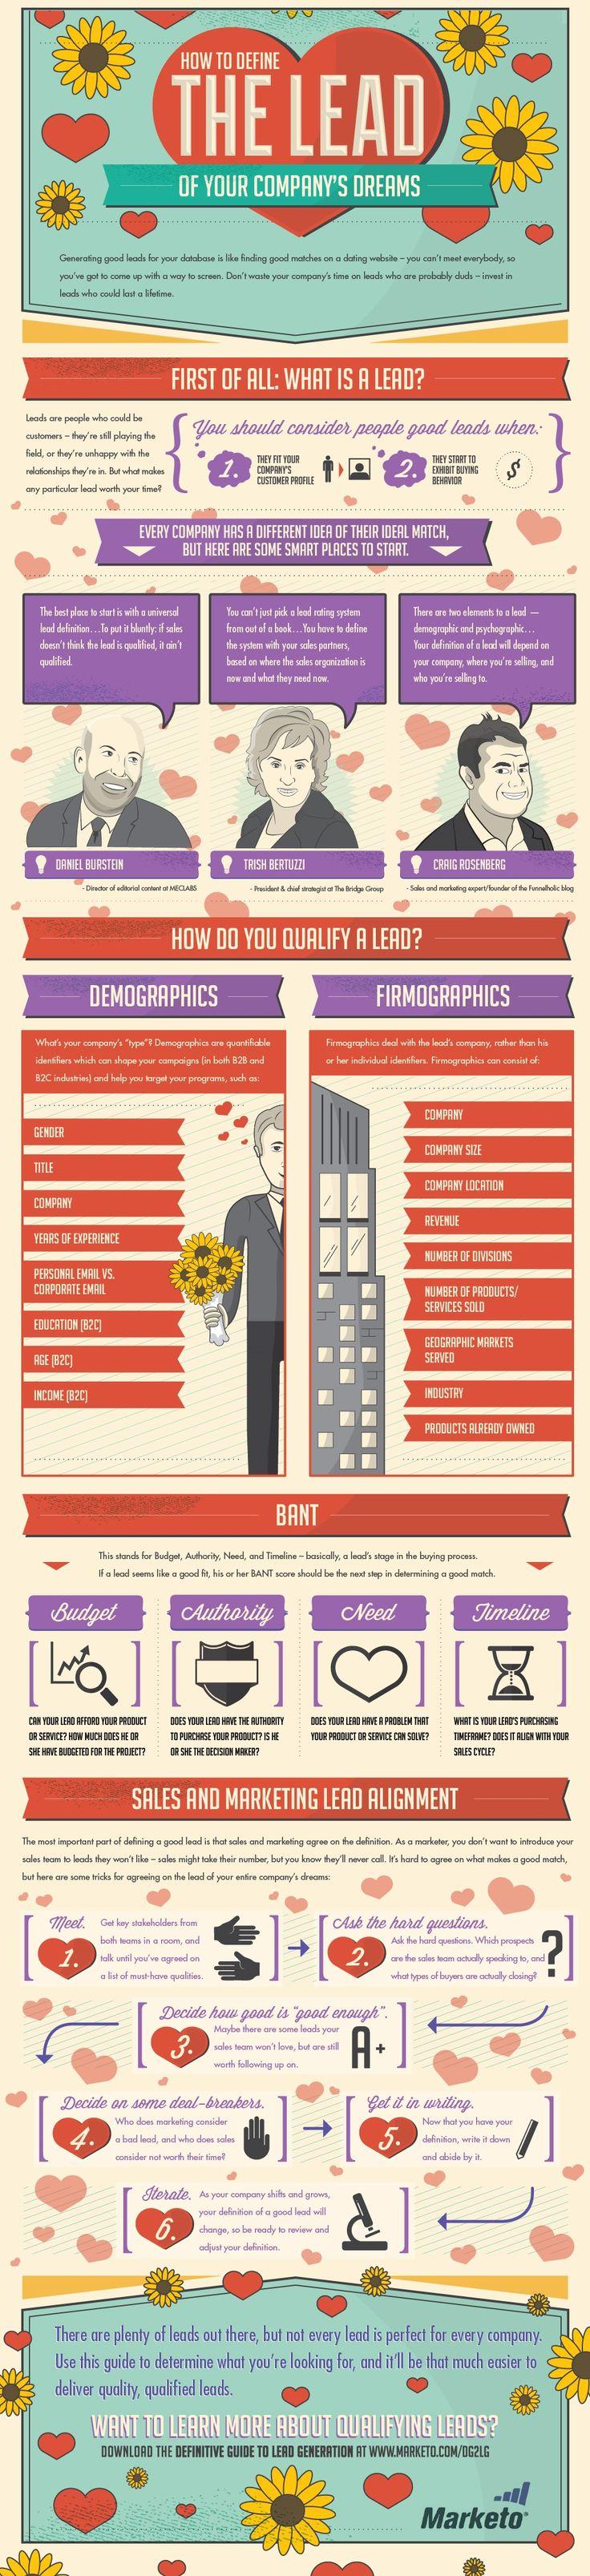 169 besten Business Development Bilder auf Pinterest | Digitales ...